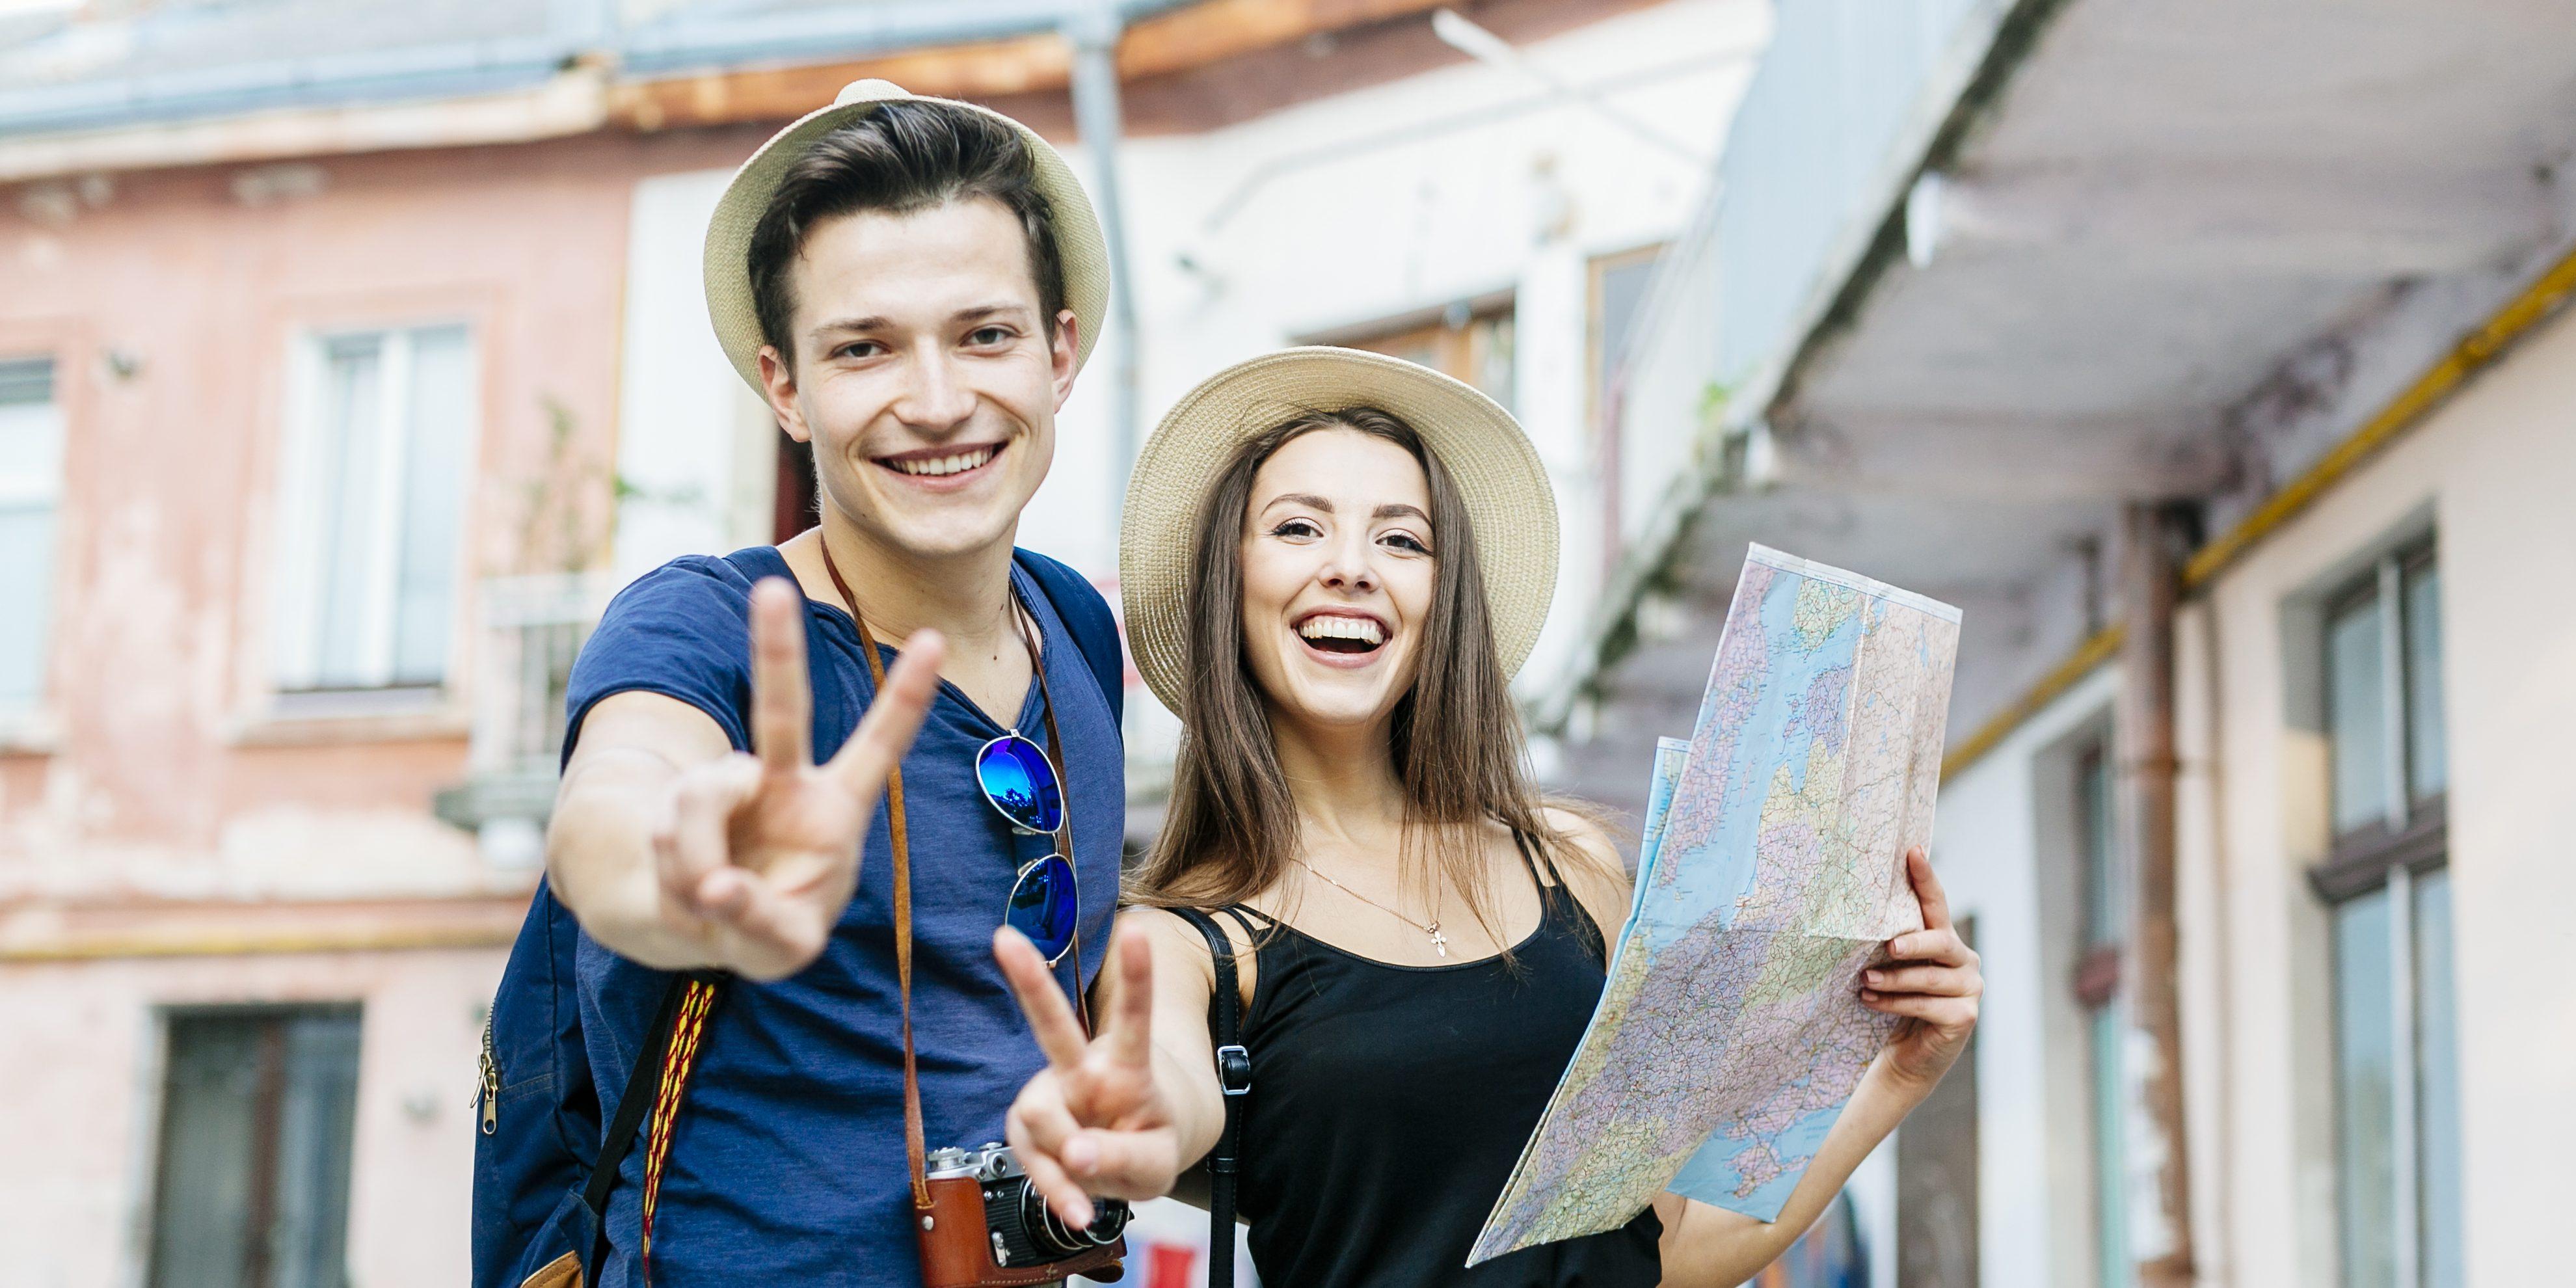 Ξένες Γλώσσες και Ταξίδια